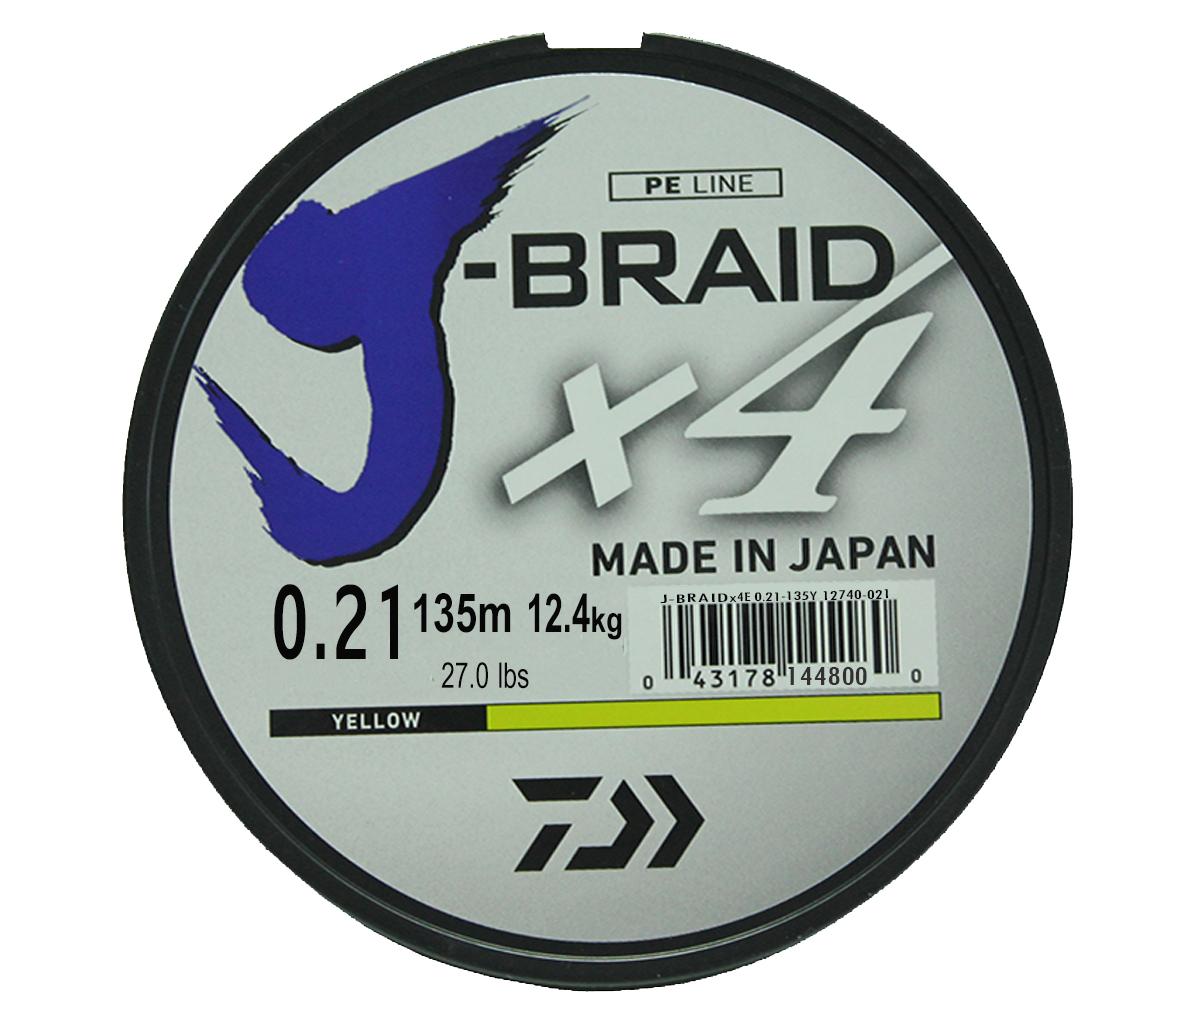 Шнур плетеный Daiwa J-Braid X4, цвет: флуоресцентный желтый, 135 м, 0,21 мм61141Новый 4х жильный шнур J-Braid, DAIWA - шнур высокого класса с удивительным соотношением цены и качества. Качество плетения полностью соответствует японским стандартам и удовлетворяет всем требованиям. Представленные диаметры позволяют использовать шнур для всех техник ловли, начиная от ultra- light ловли окуня, до морской ловли палтуса, трески и т.д